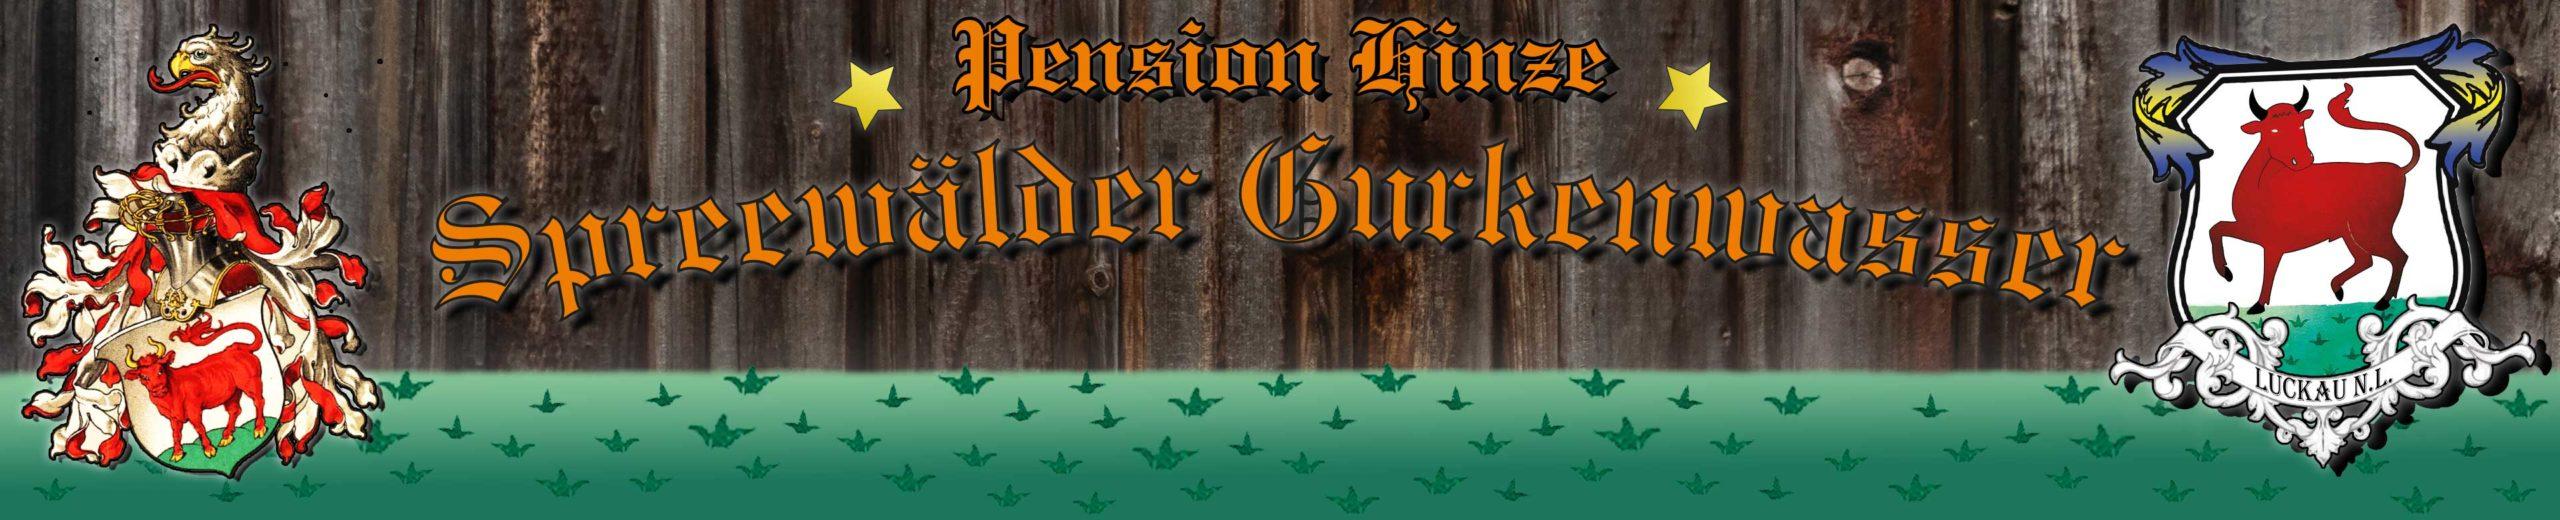 Pension Spreewälder Gurkenwasser